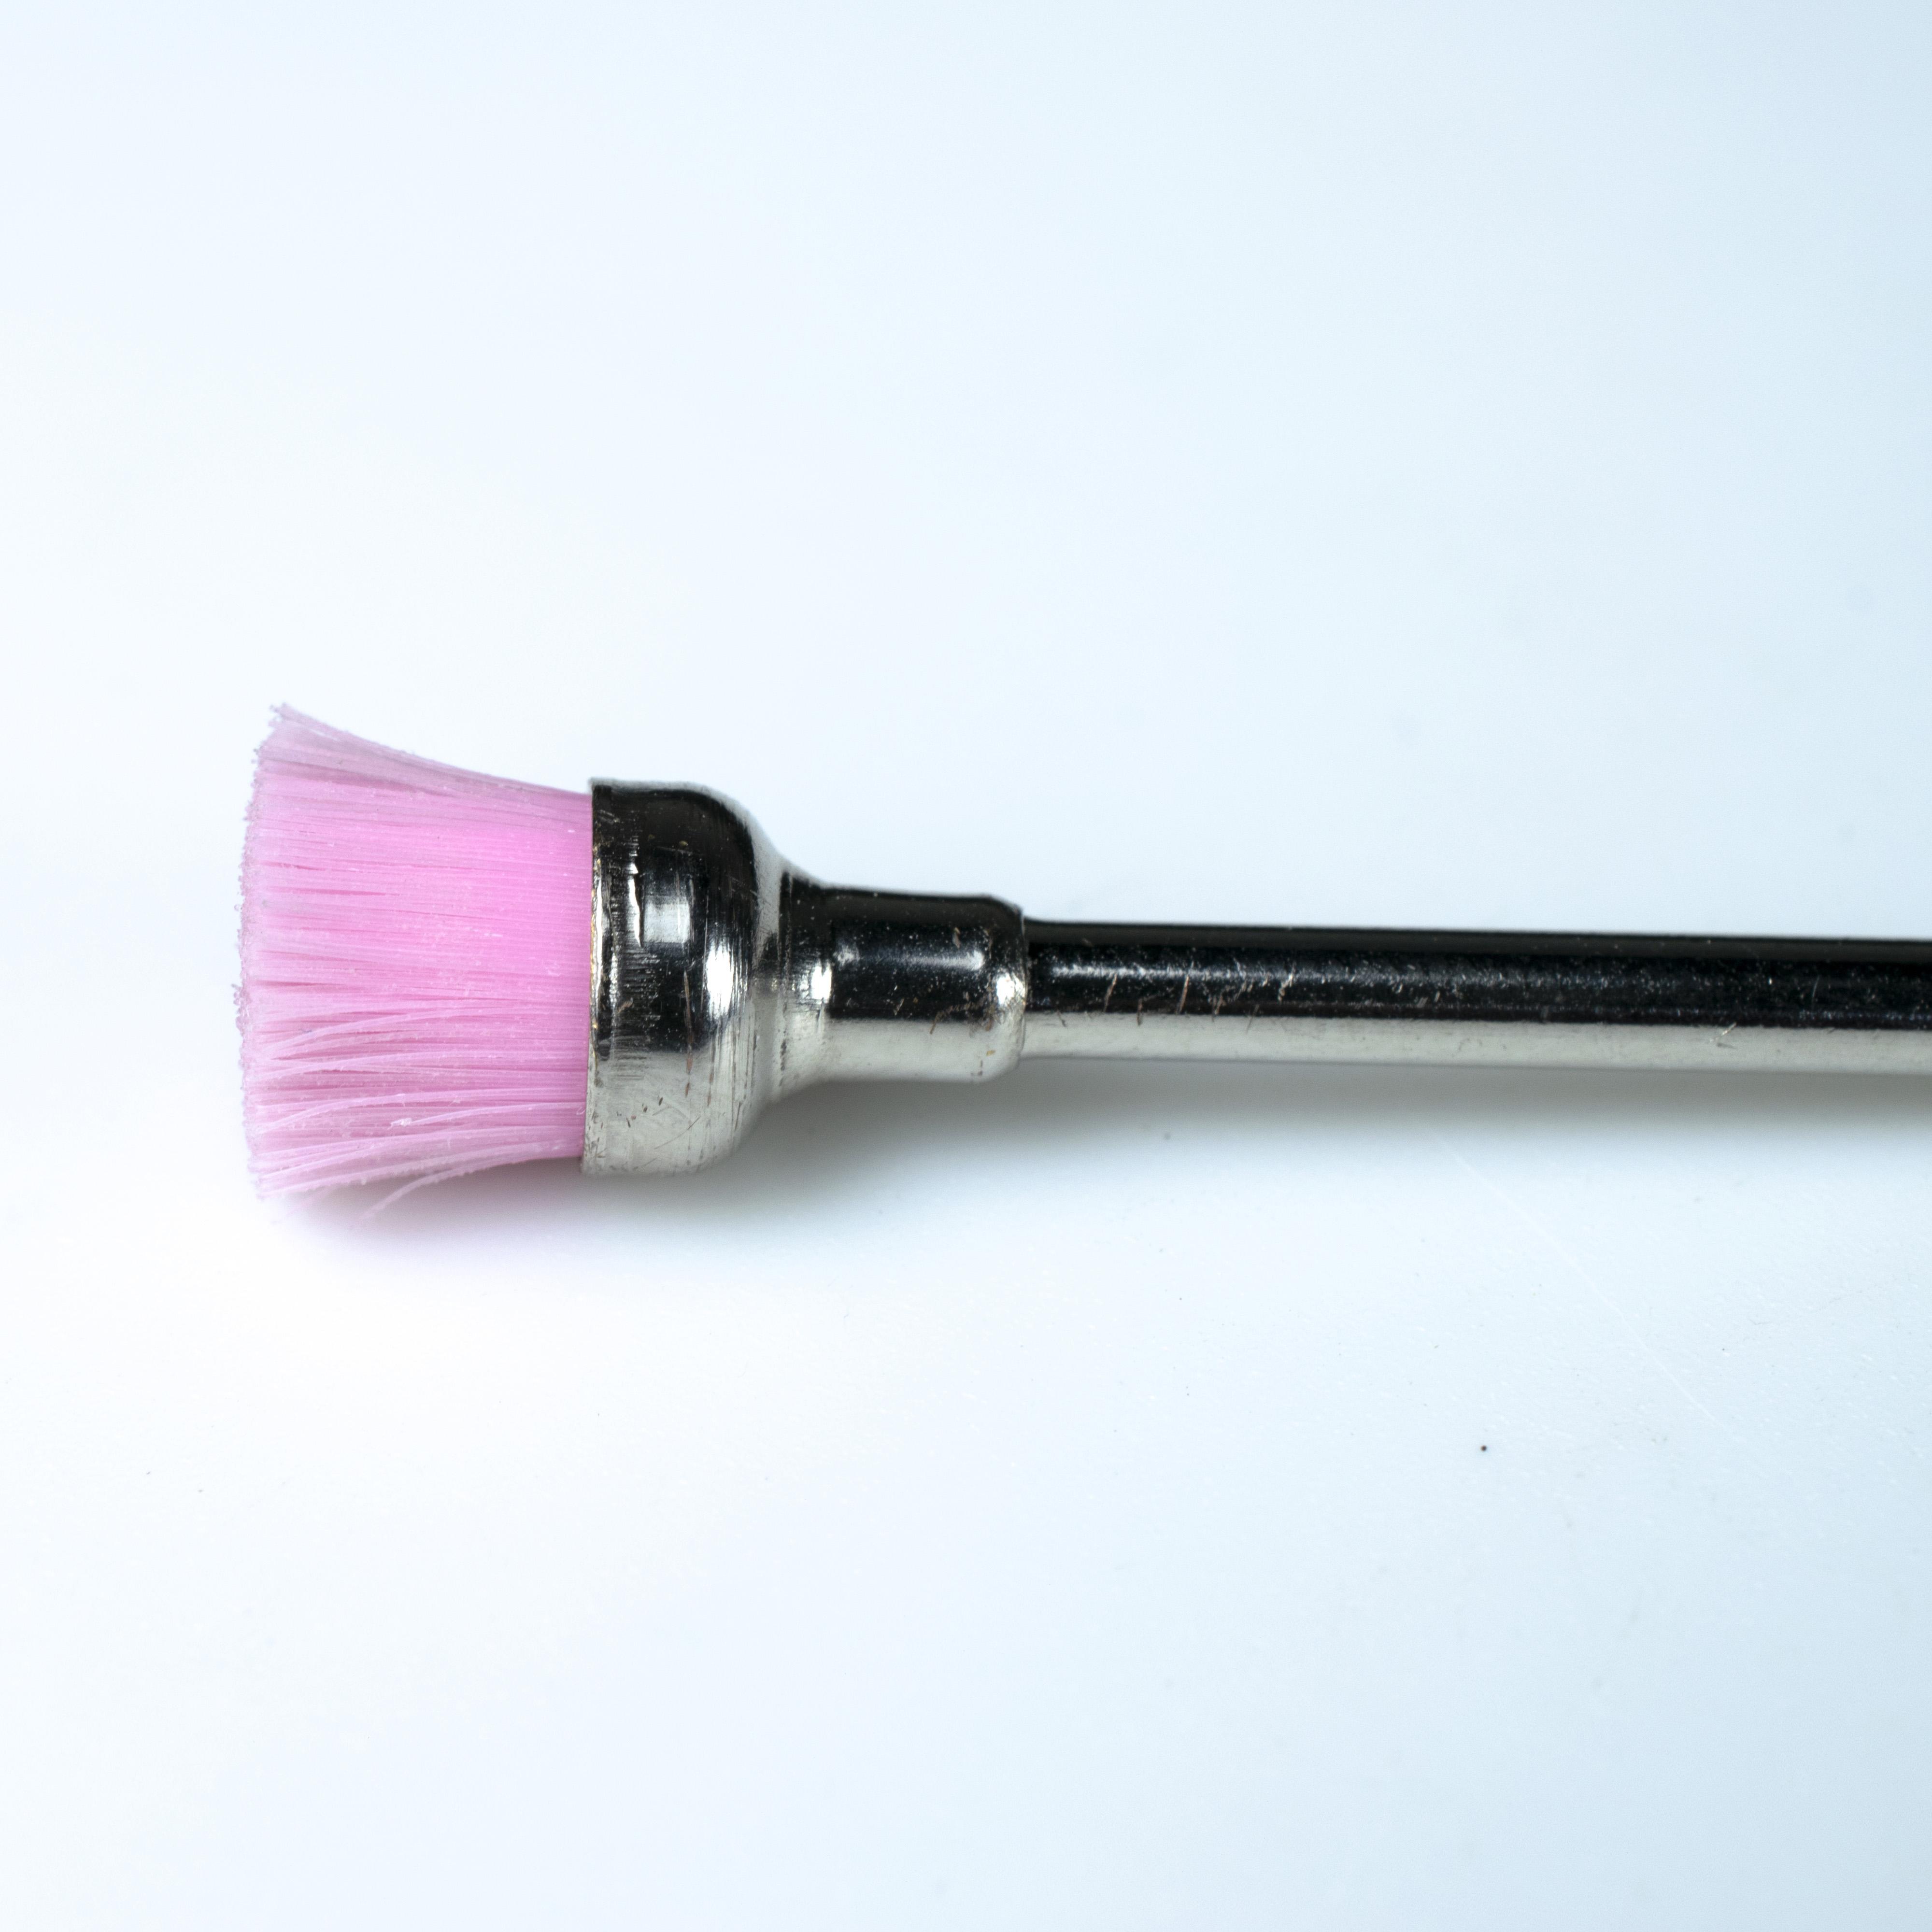 Мини-нейлоновая зубная щетка для удаления кутикулы ногтей